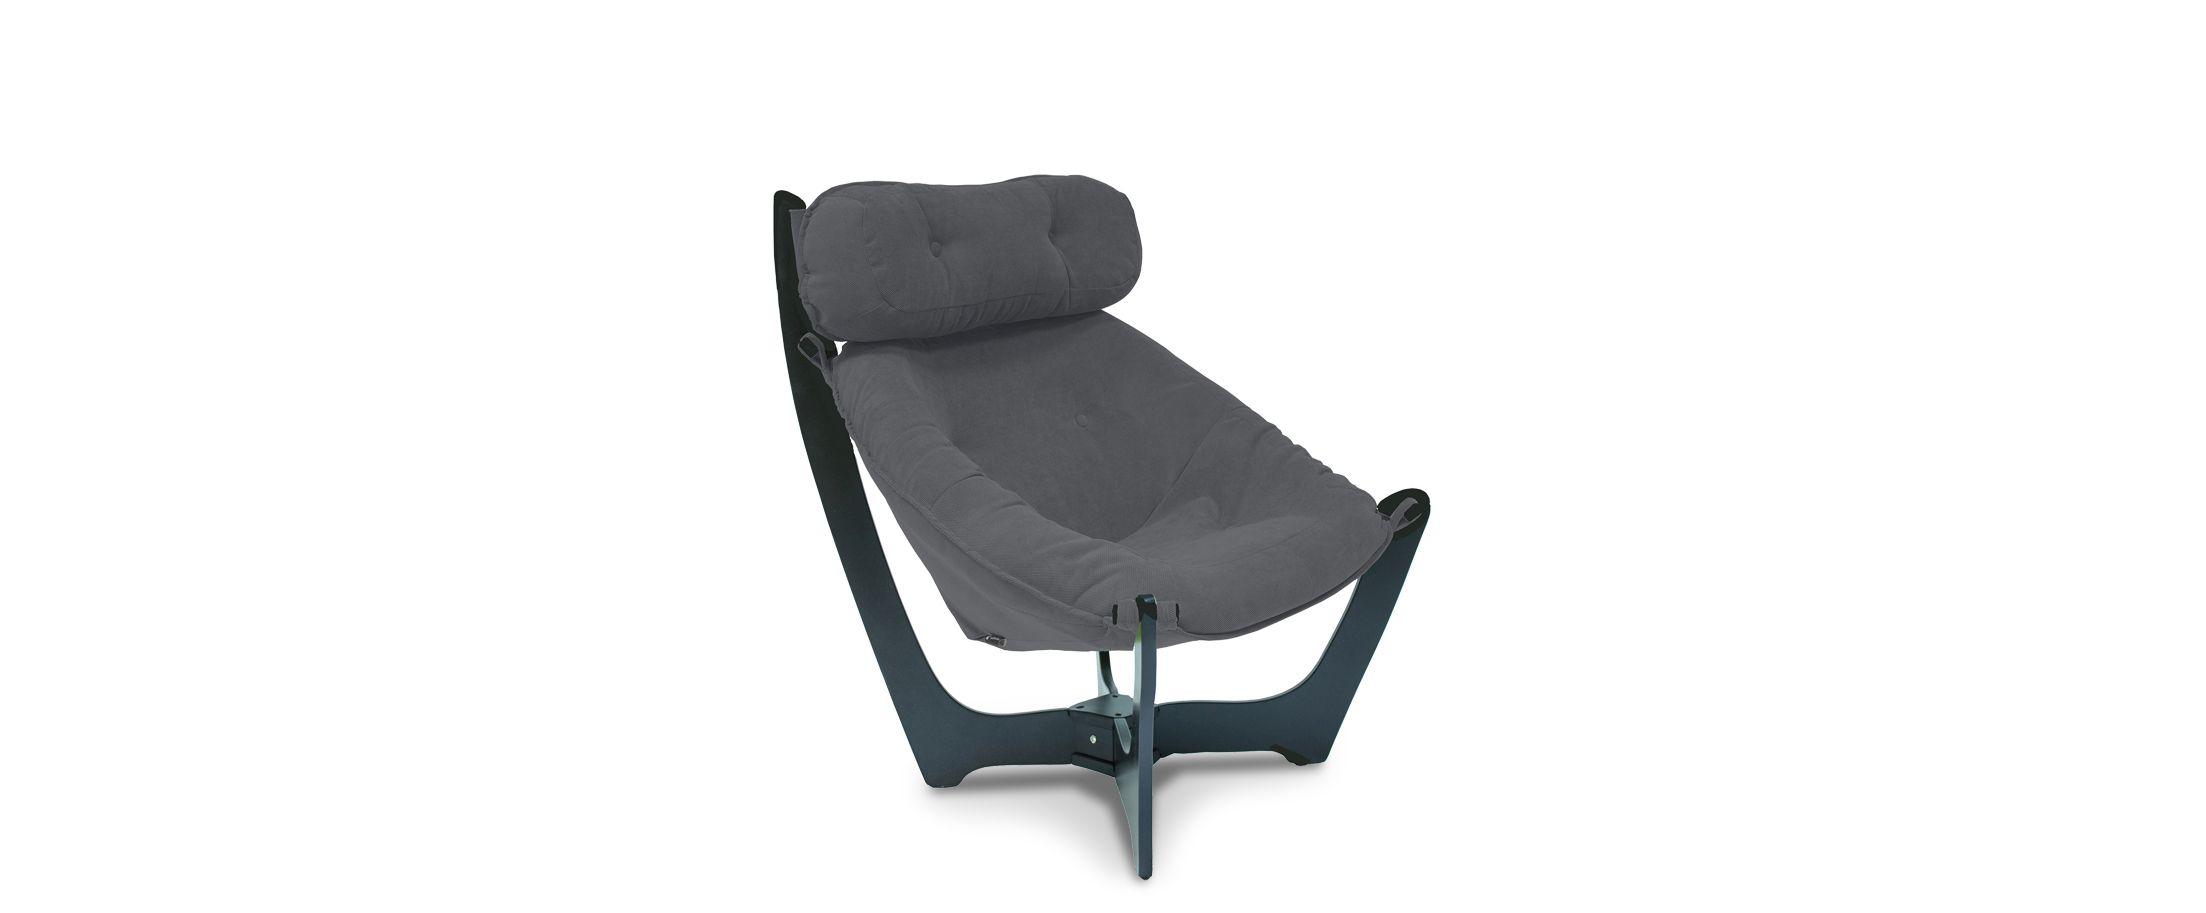 Кресло для отдыха 11Кресло для отдыха 11 серого цвета Модель 364 артикул С000109<br>